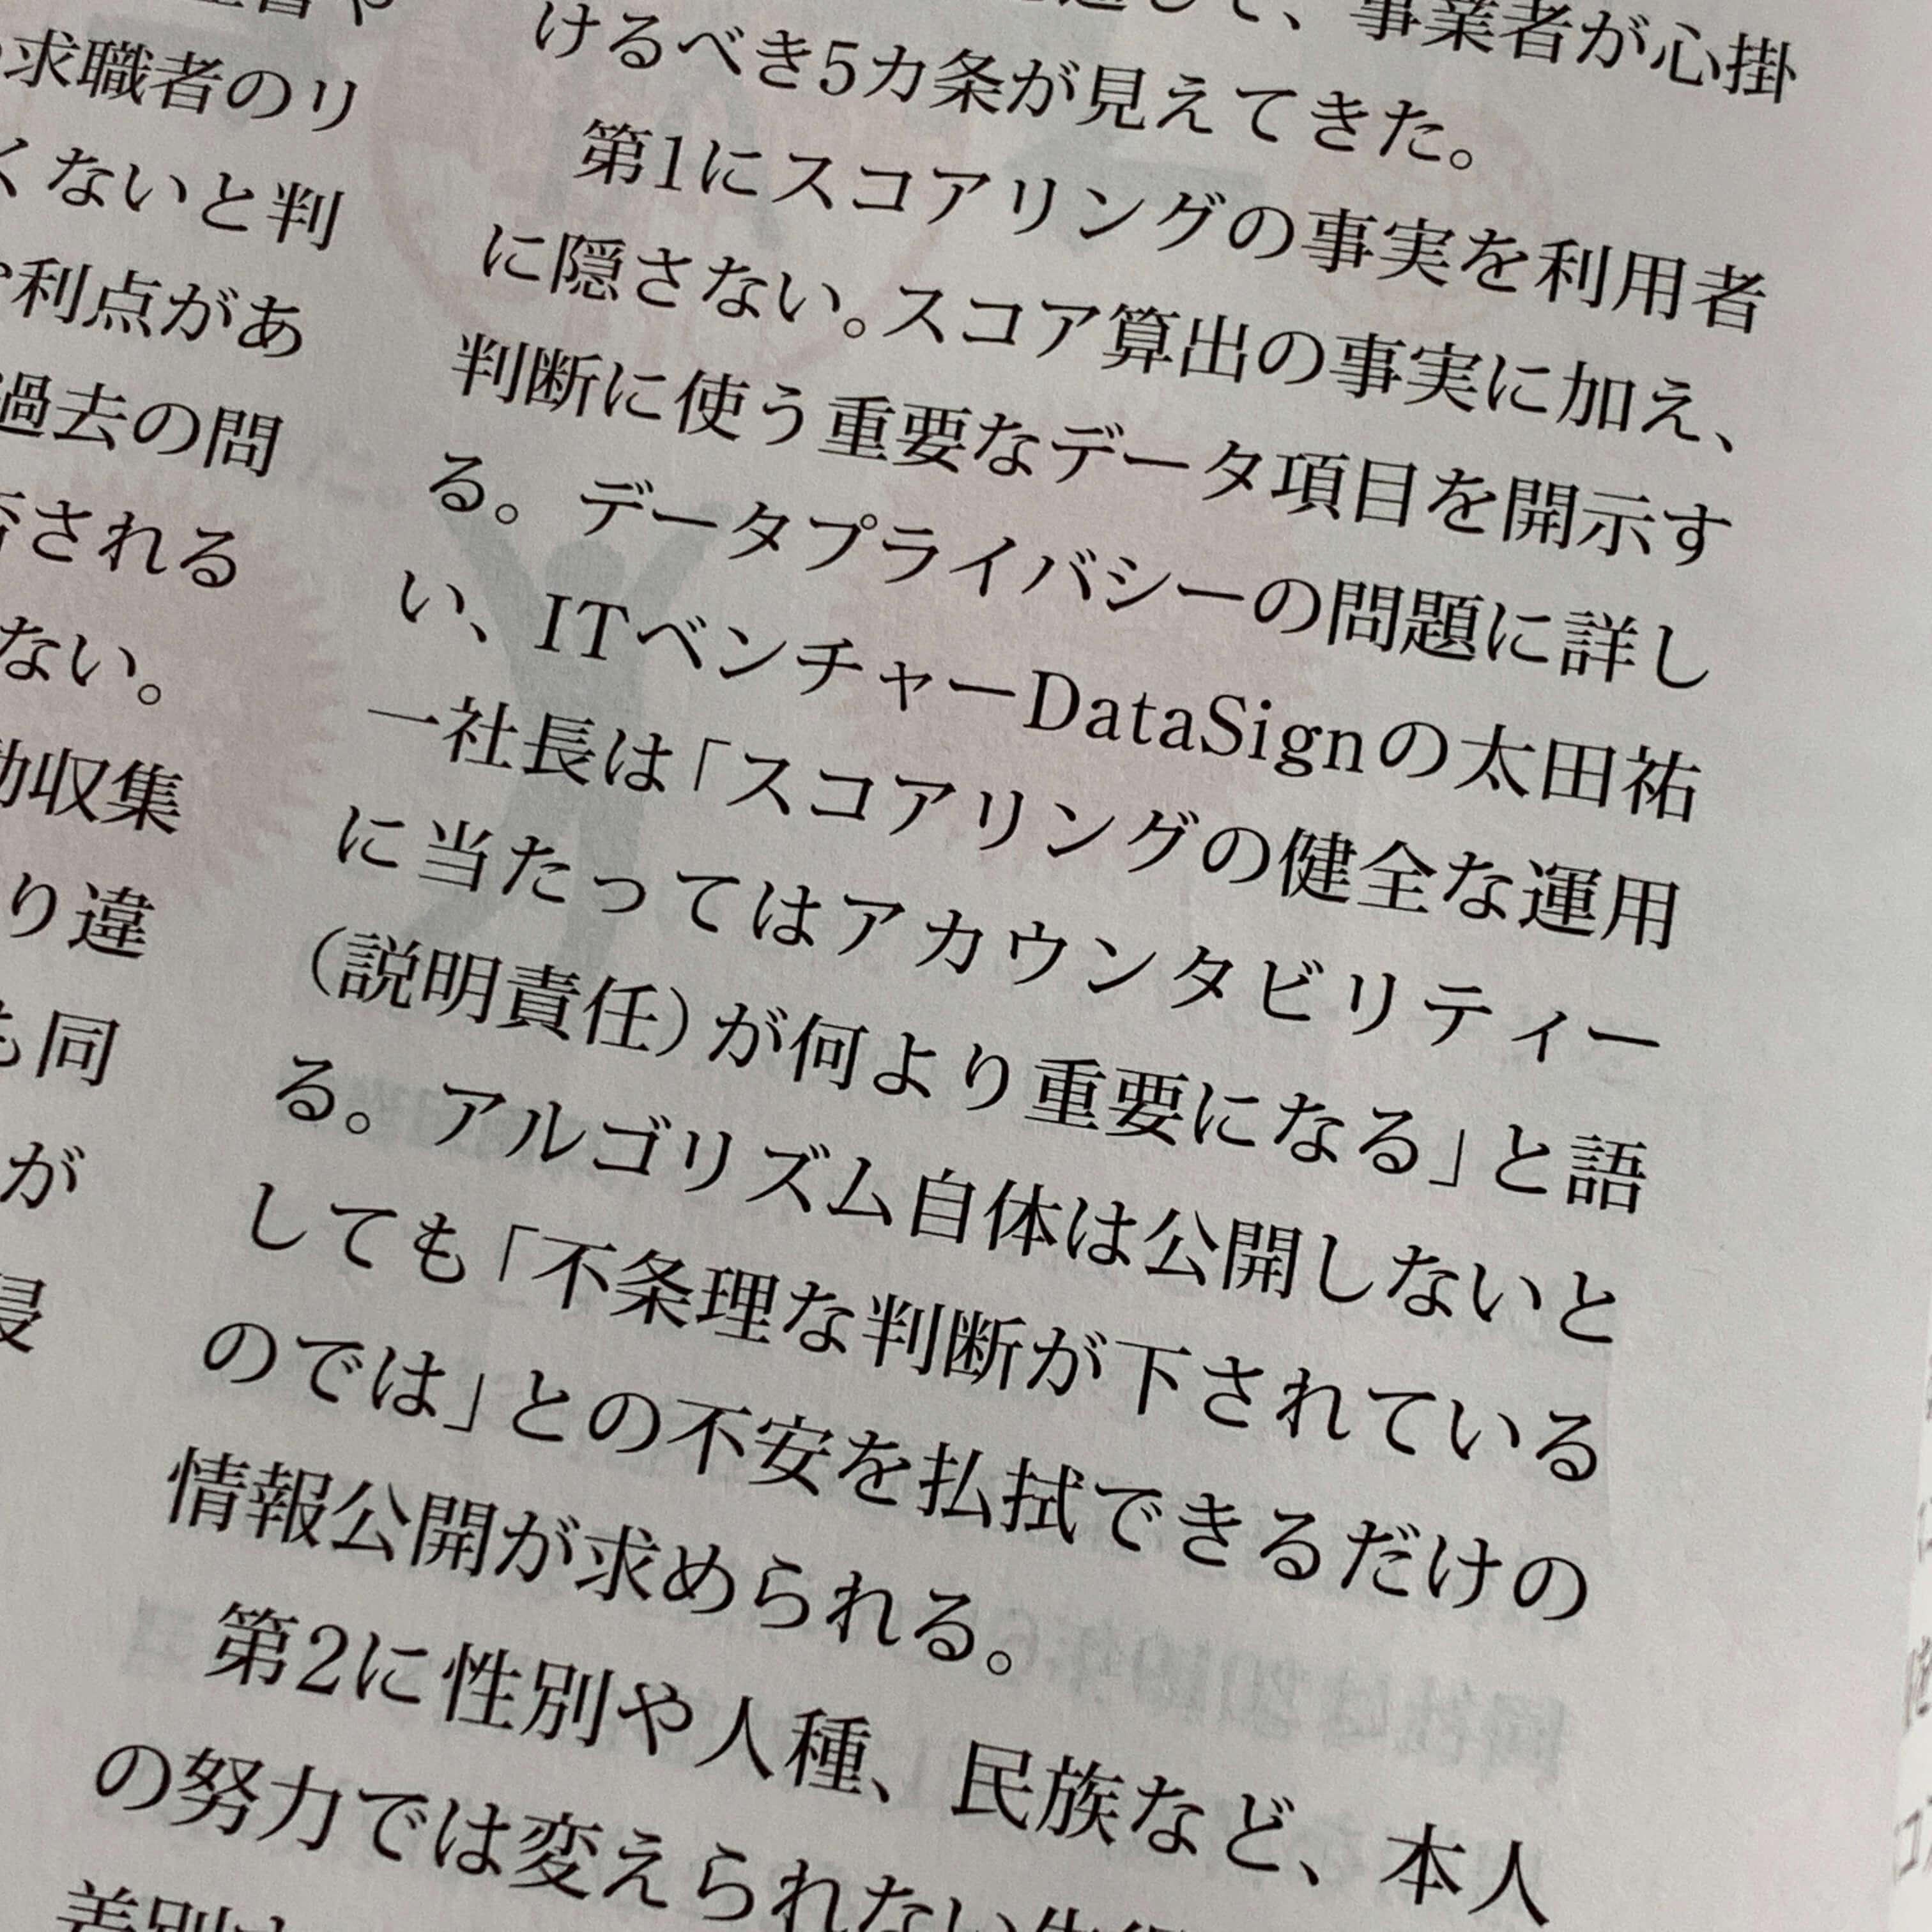 「日経コンピュータ」でDataSign代表 太田のコメントが引用されました